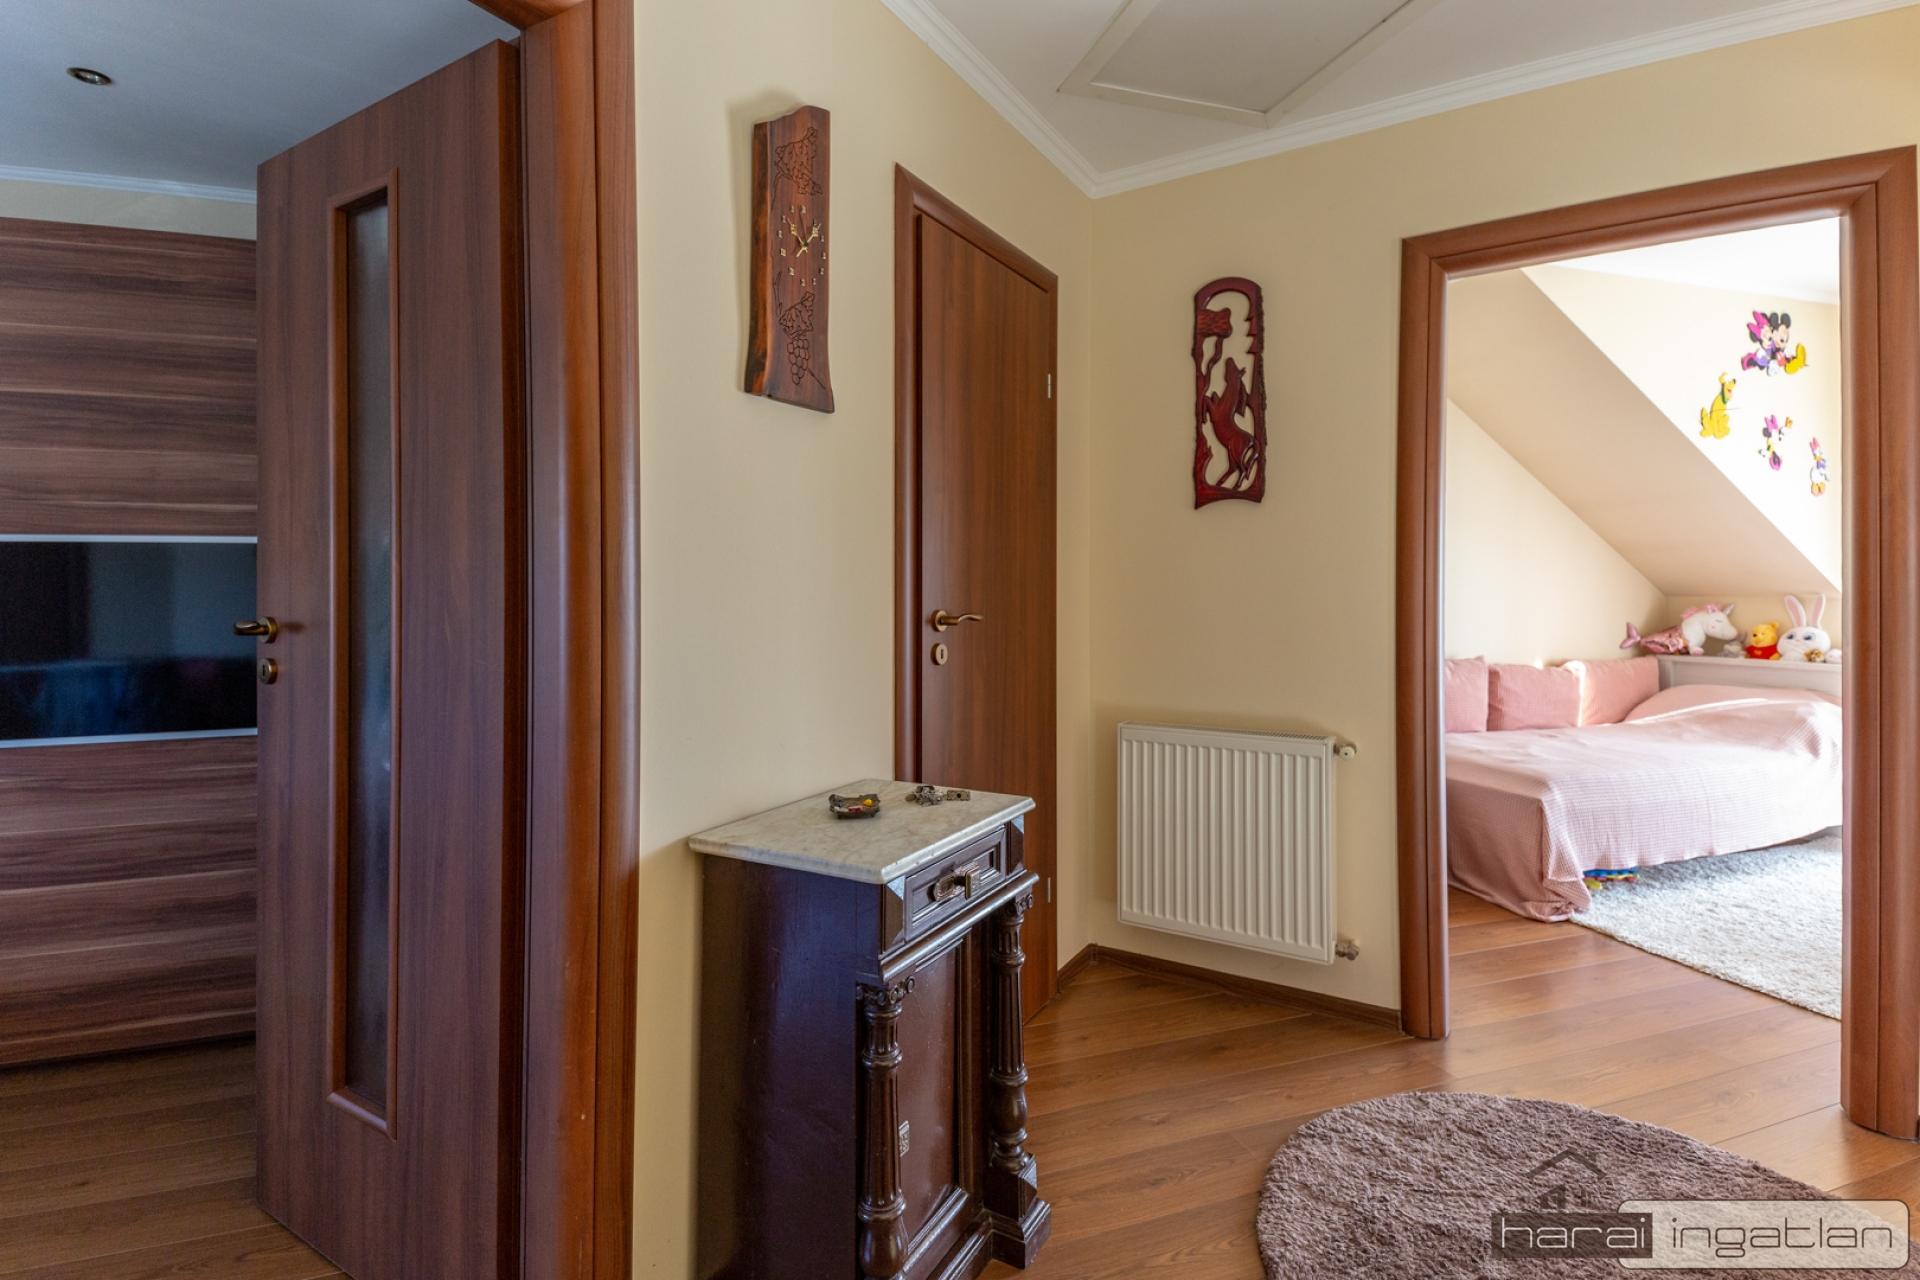 2151 Fót Eladó Ház (#01012020135)